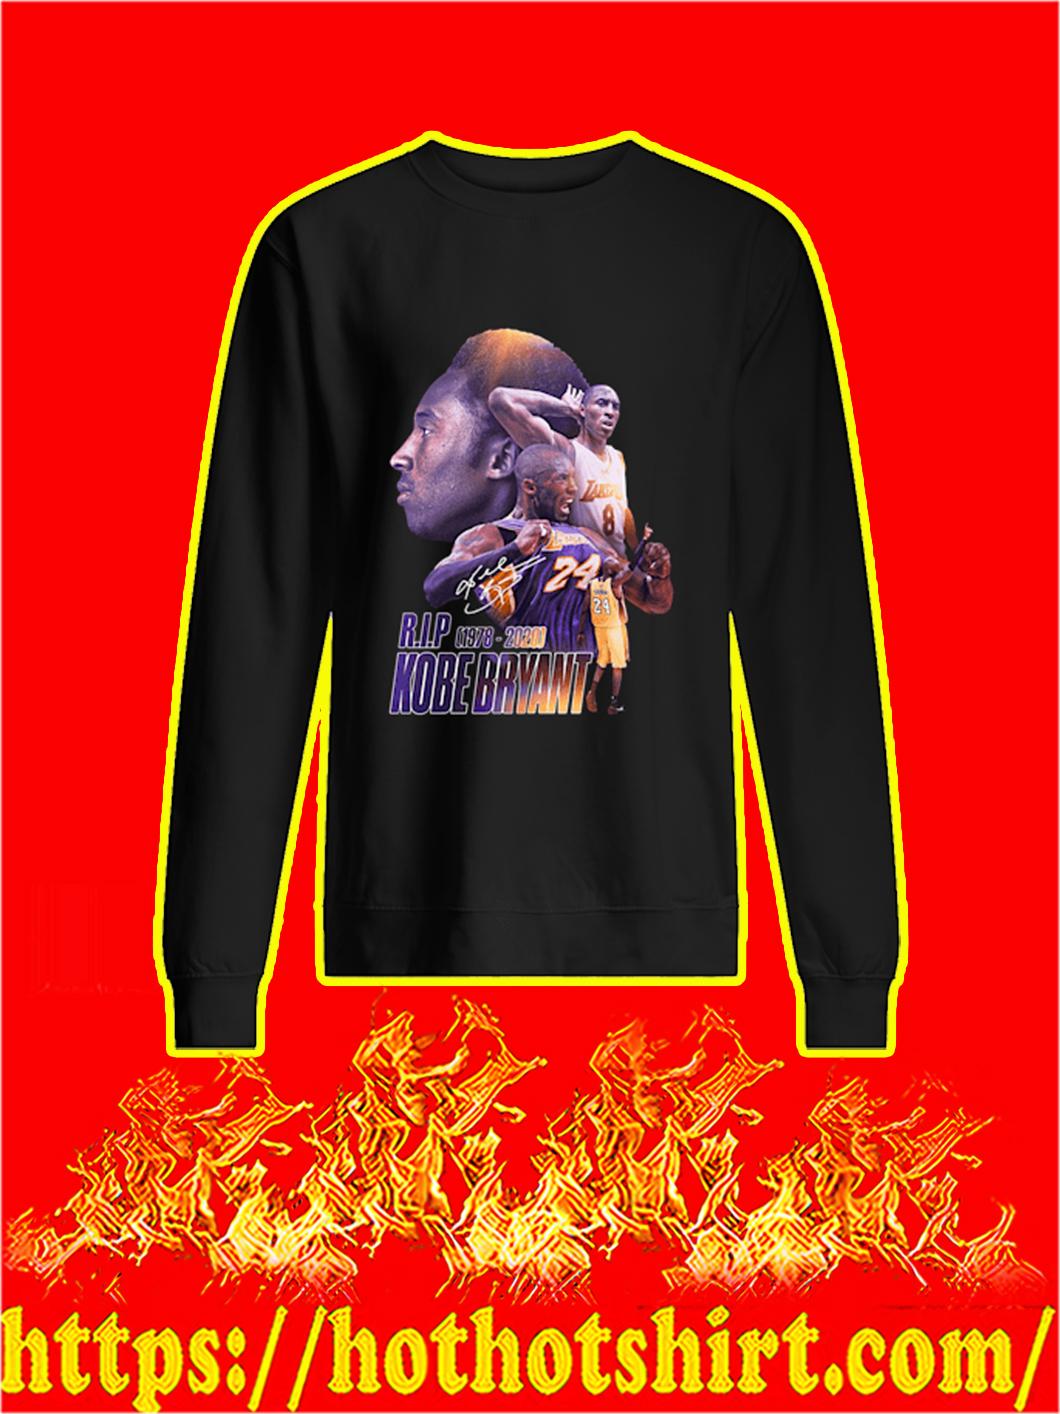 RIP Kobe Bryant Signature sweatshirt